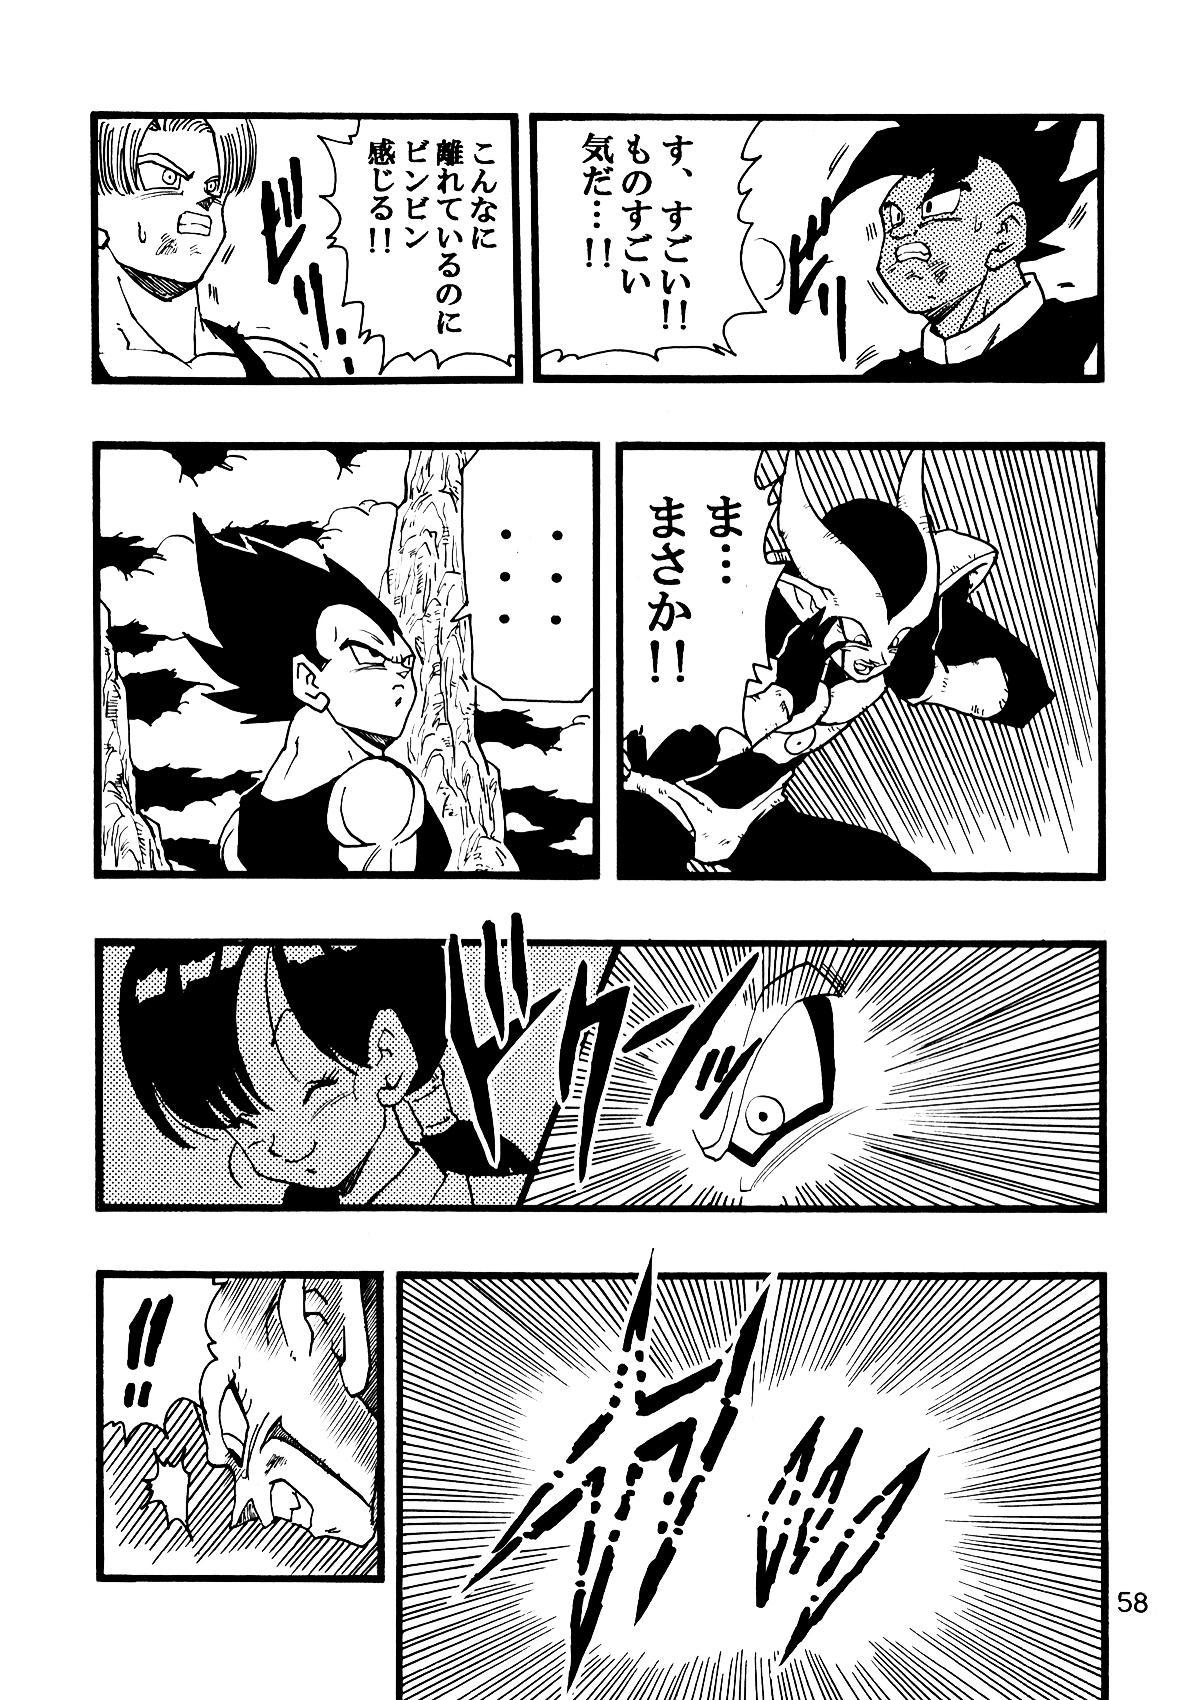 Dragon Ball AF Vol. 12 58